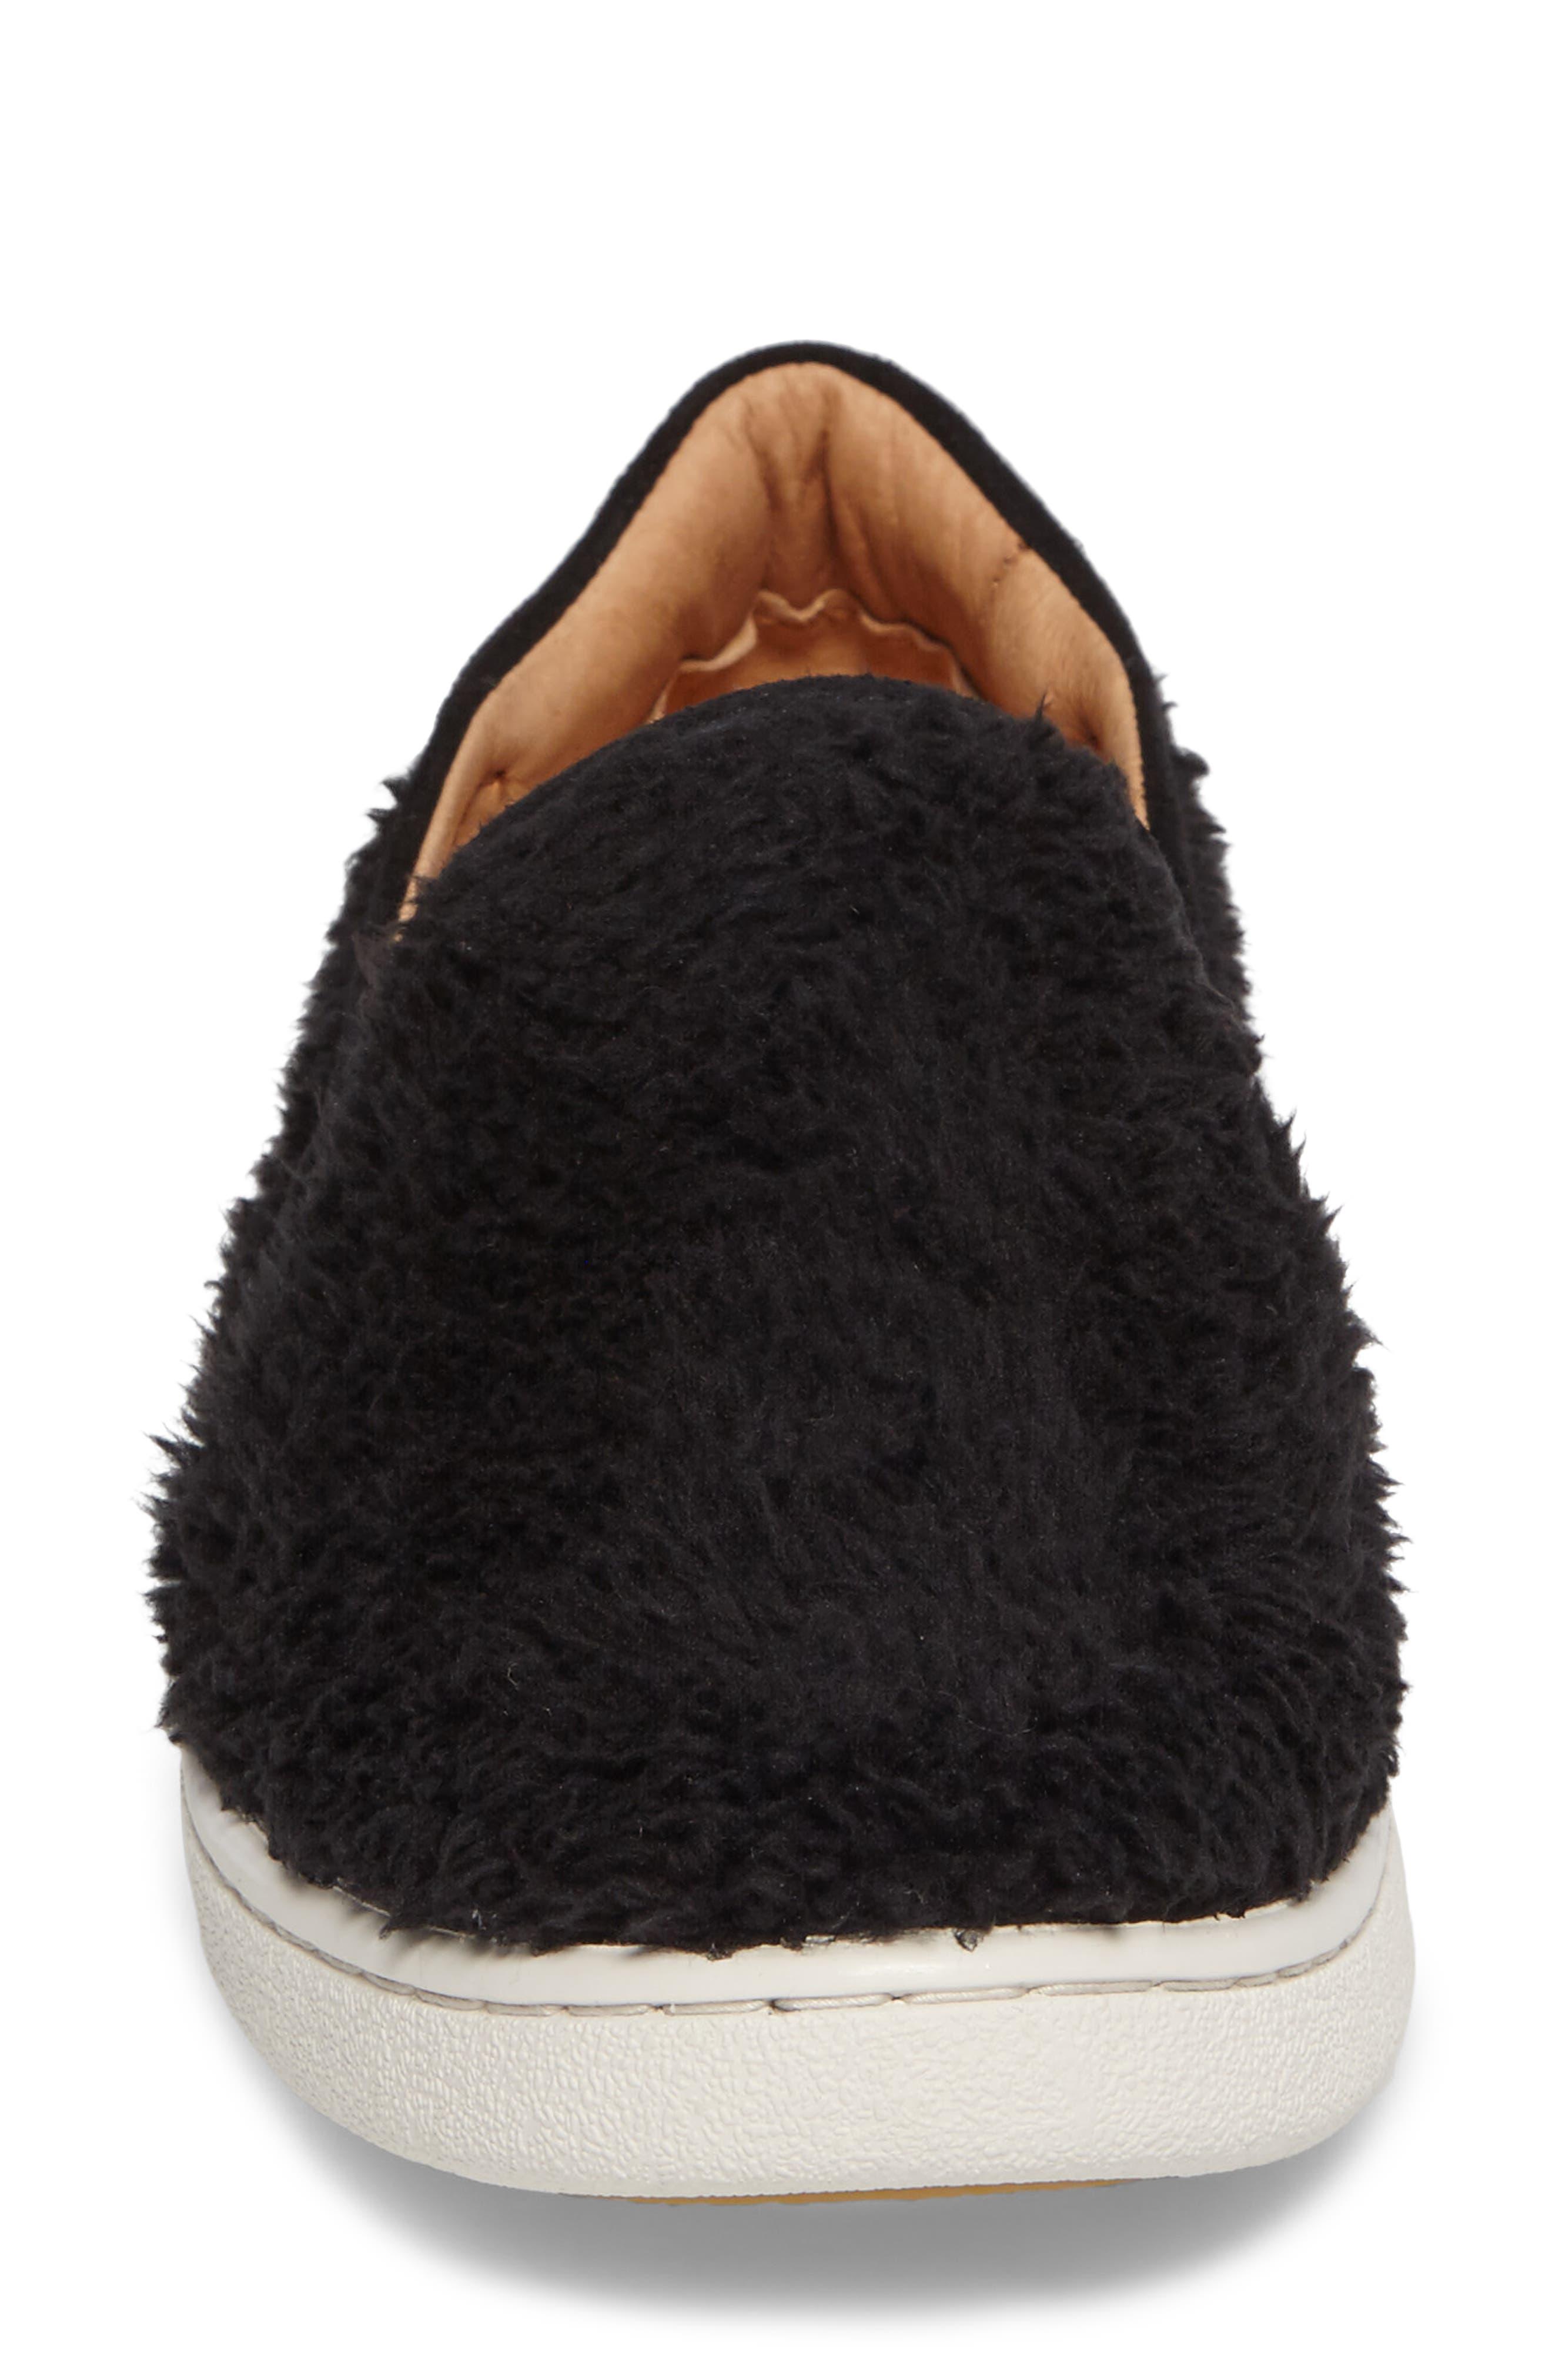 Ricci Plush Slip-On Sneaker,                             Alternate thumbnail 4, color,                             Black Fabric